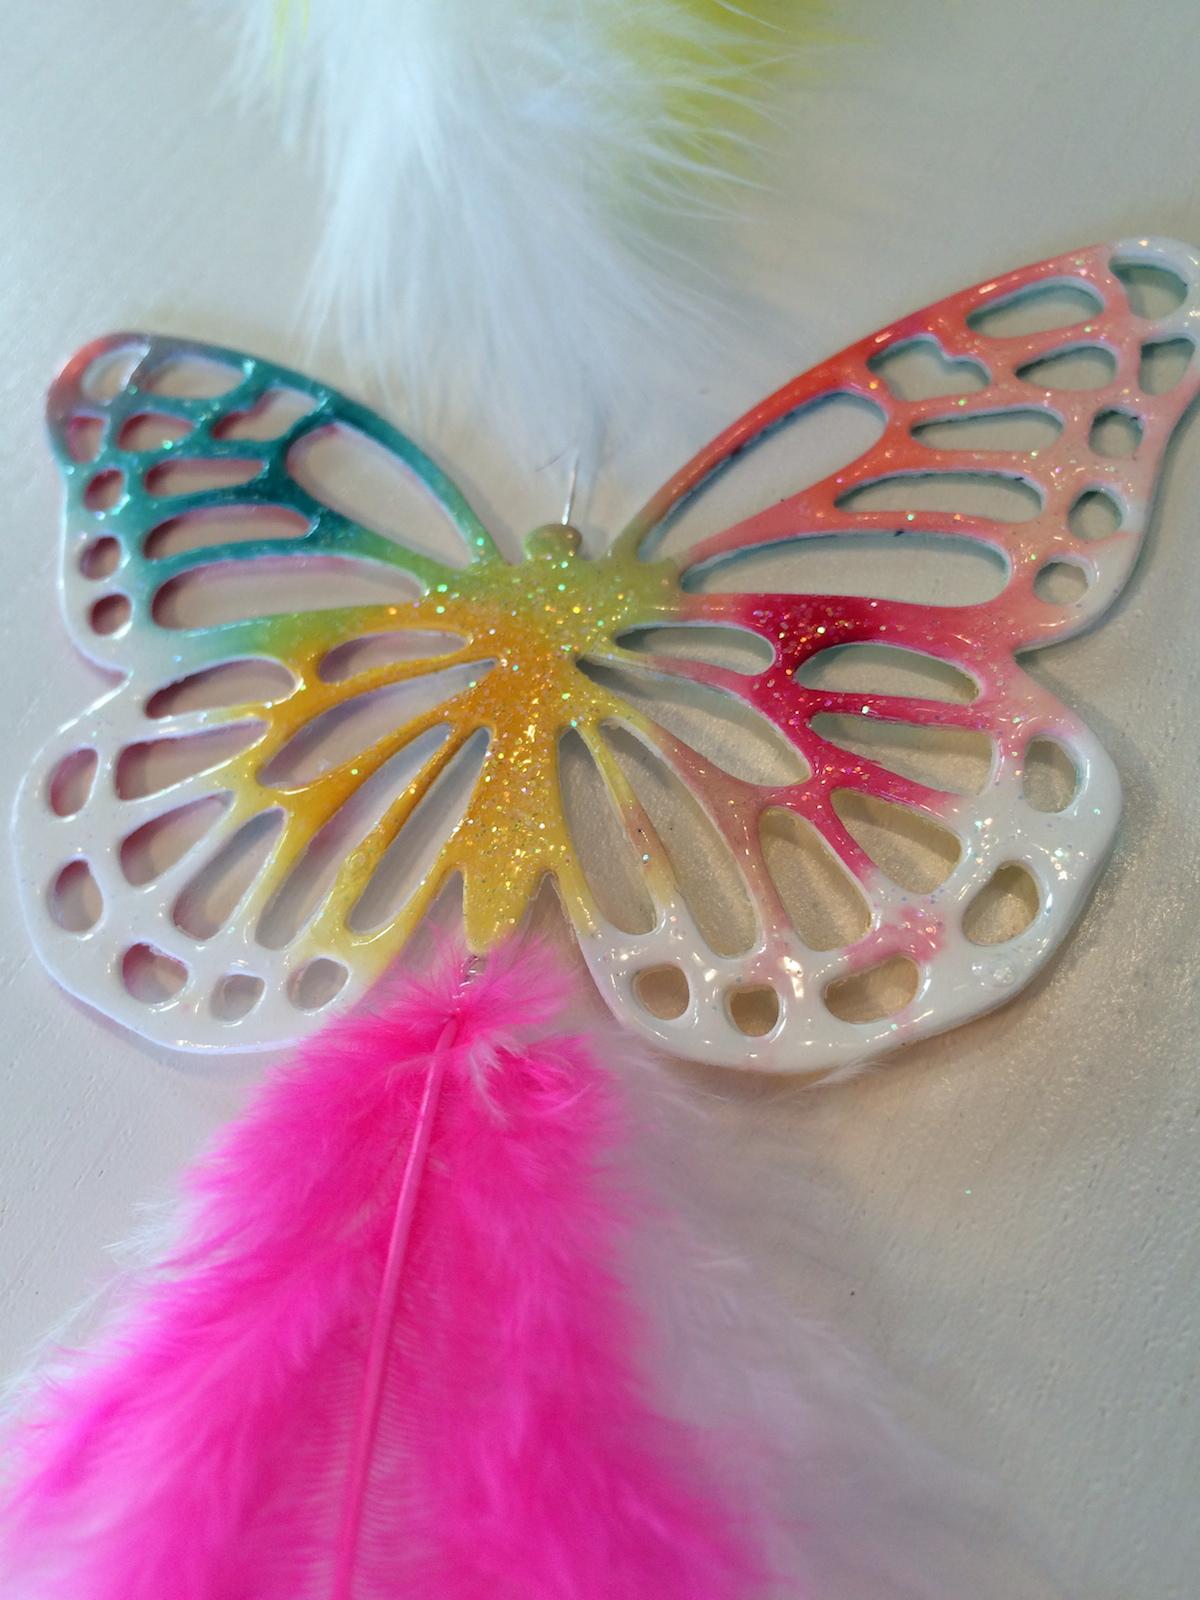 Aquarell Schmetterling mit Lack überzogen und Glitzer Topping